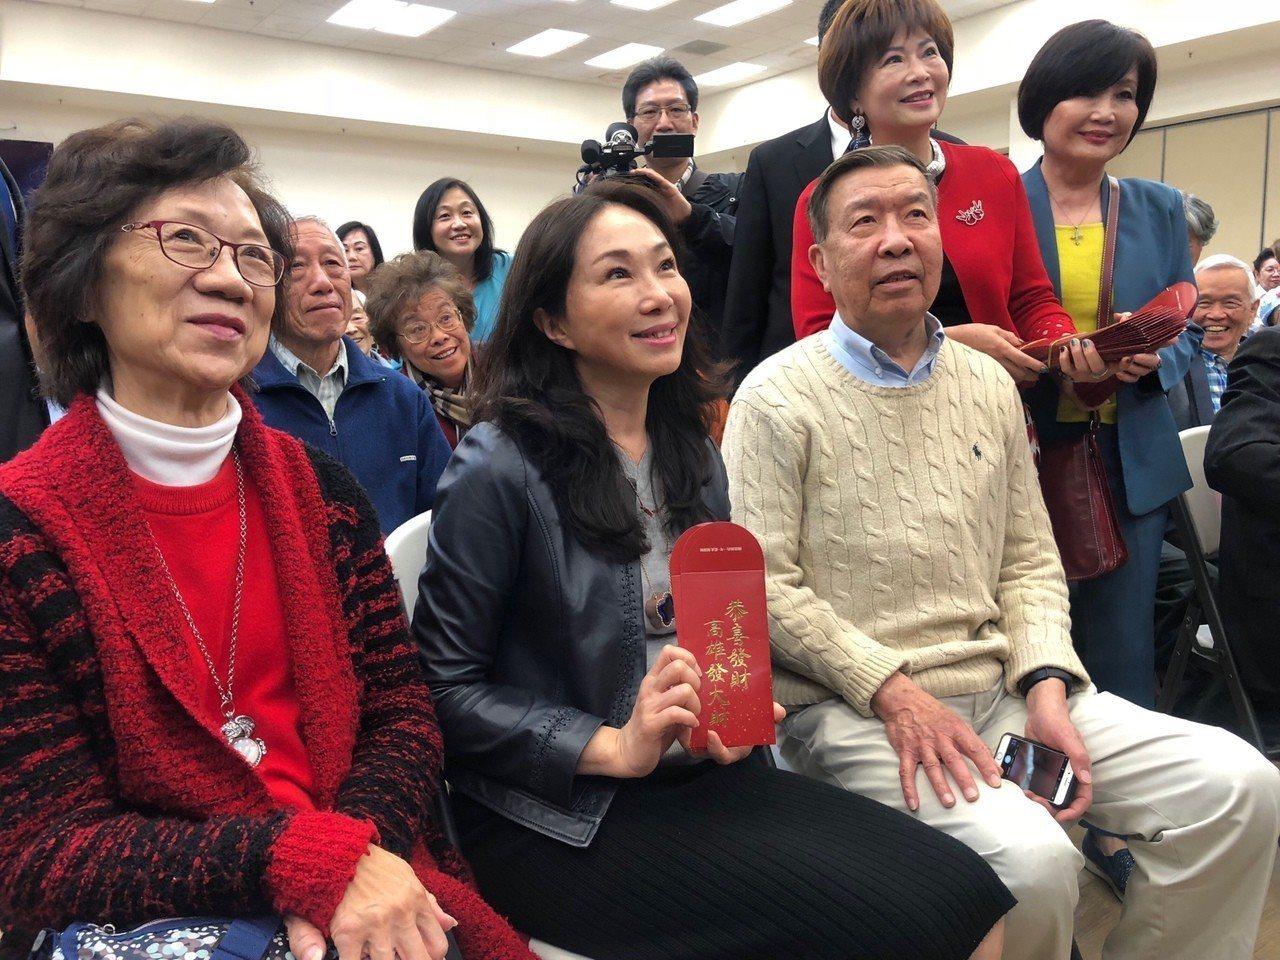 李佳芬造訪舊金山一處華僑文教中心,與銀髮僑胞話家常,主辦單位準備印有「高雄發大財...